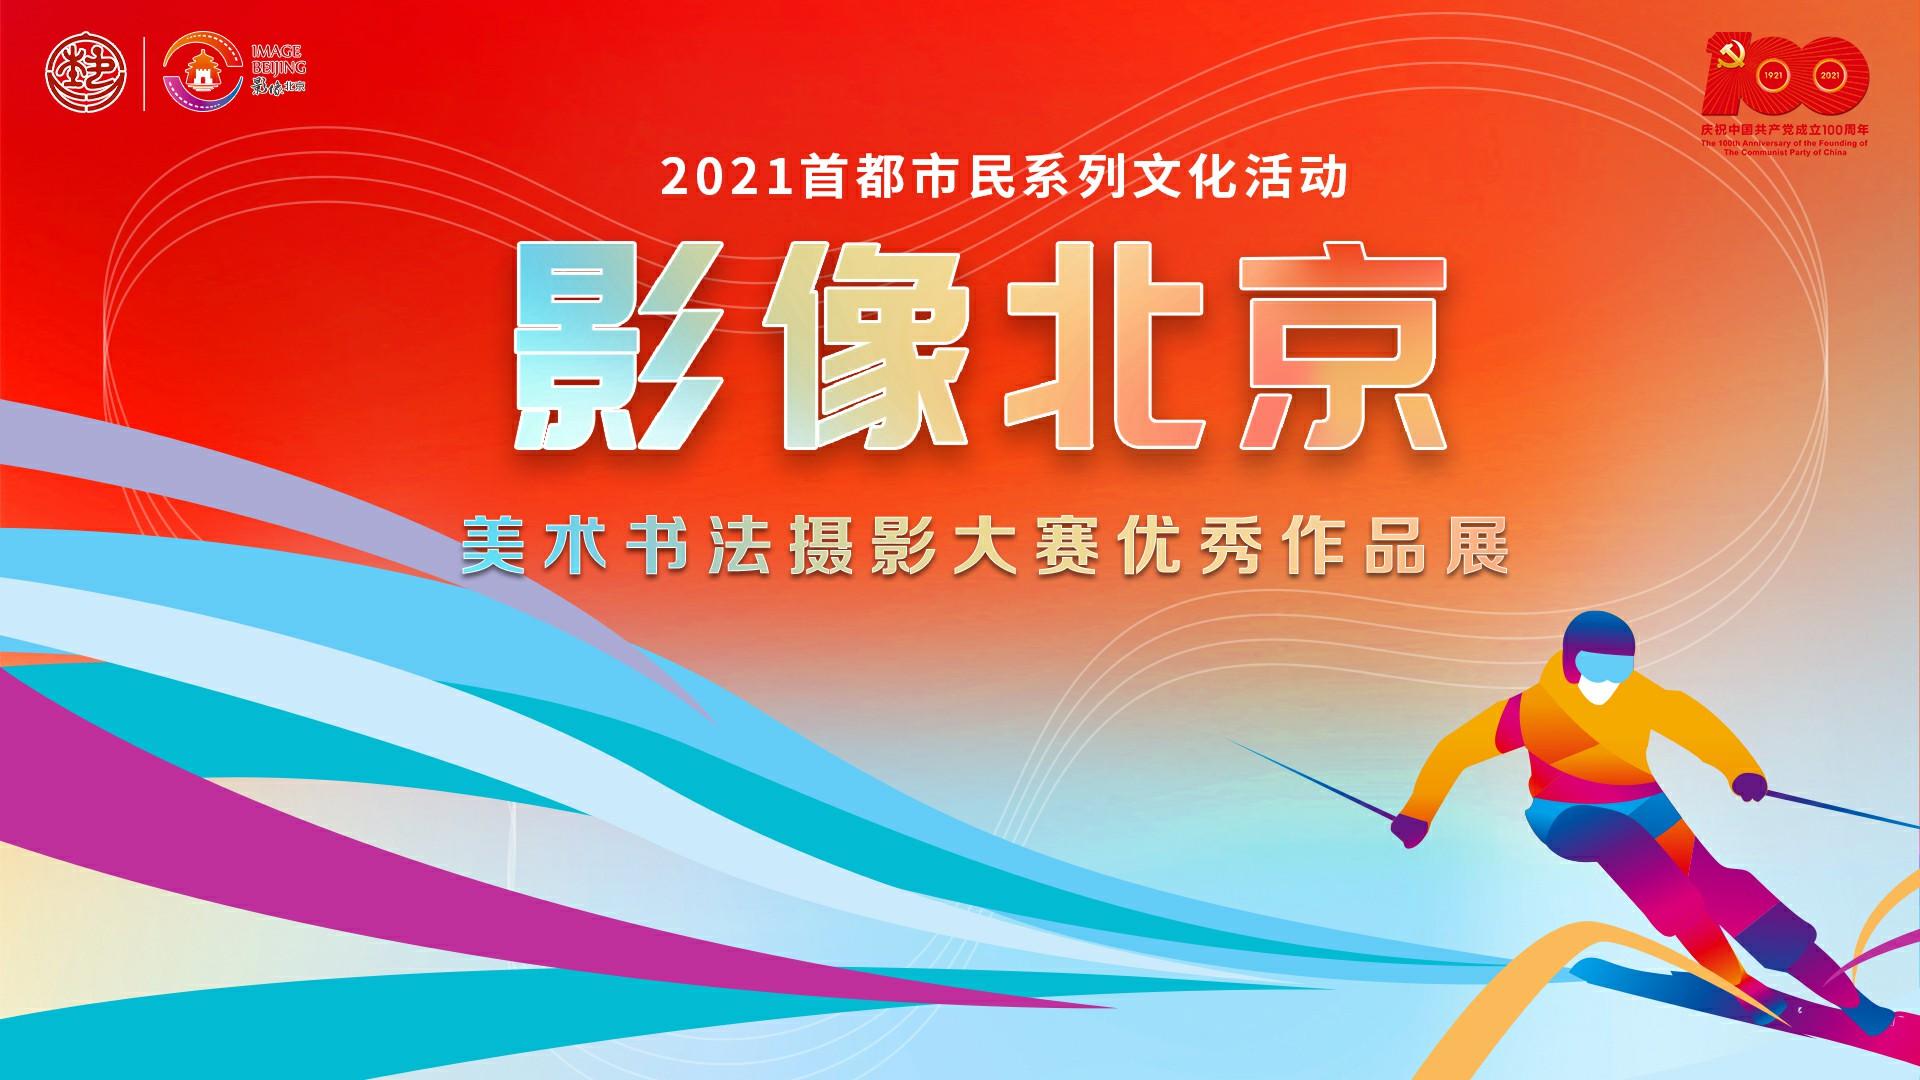 影像北京美术书法摄影大赛优秀作品展预告